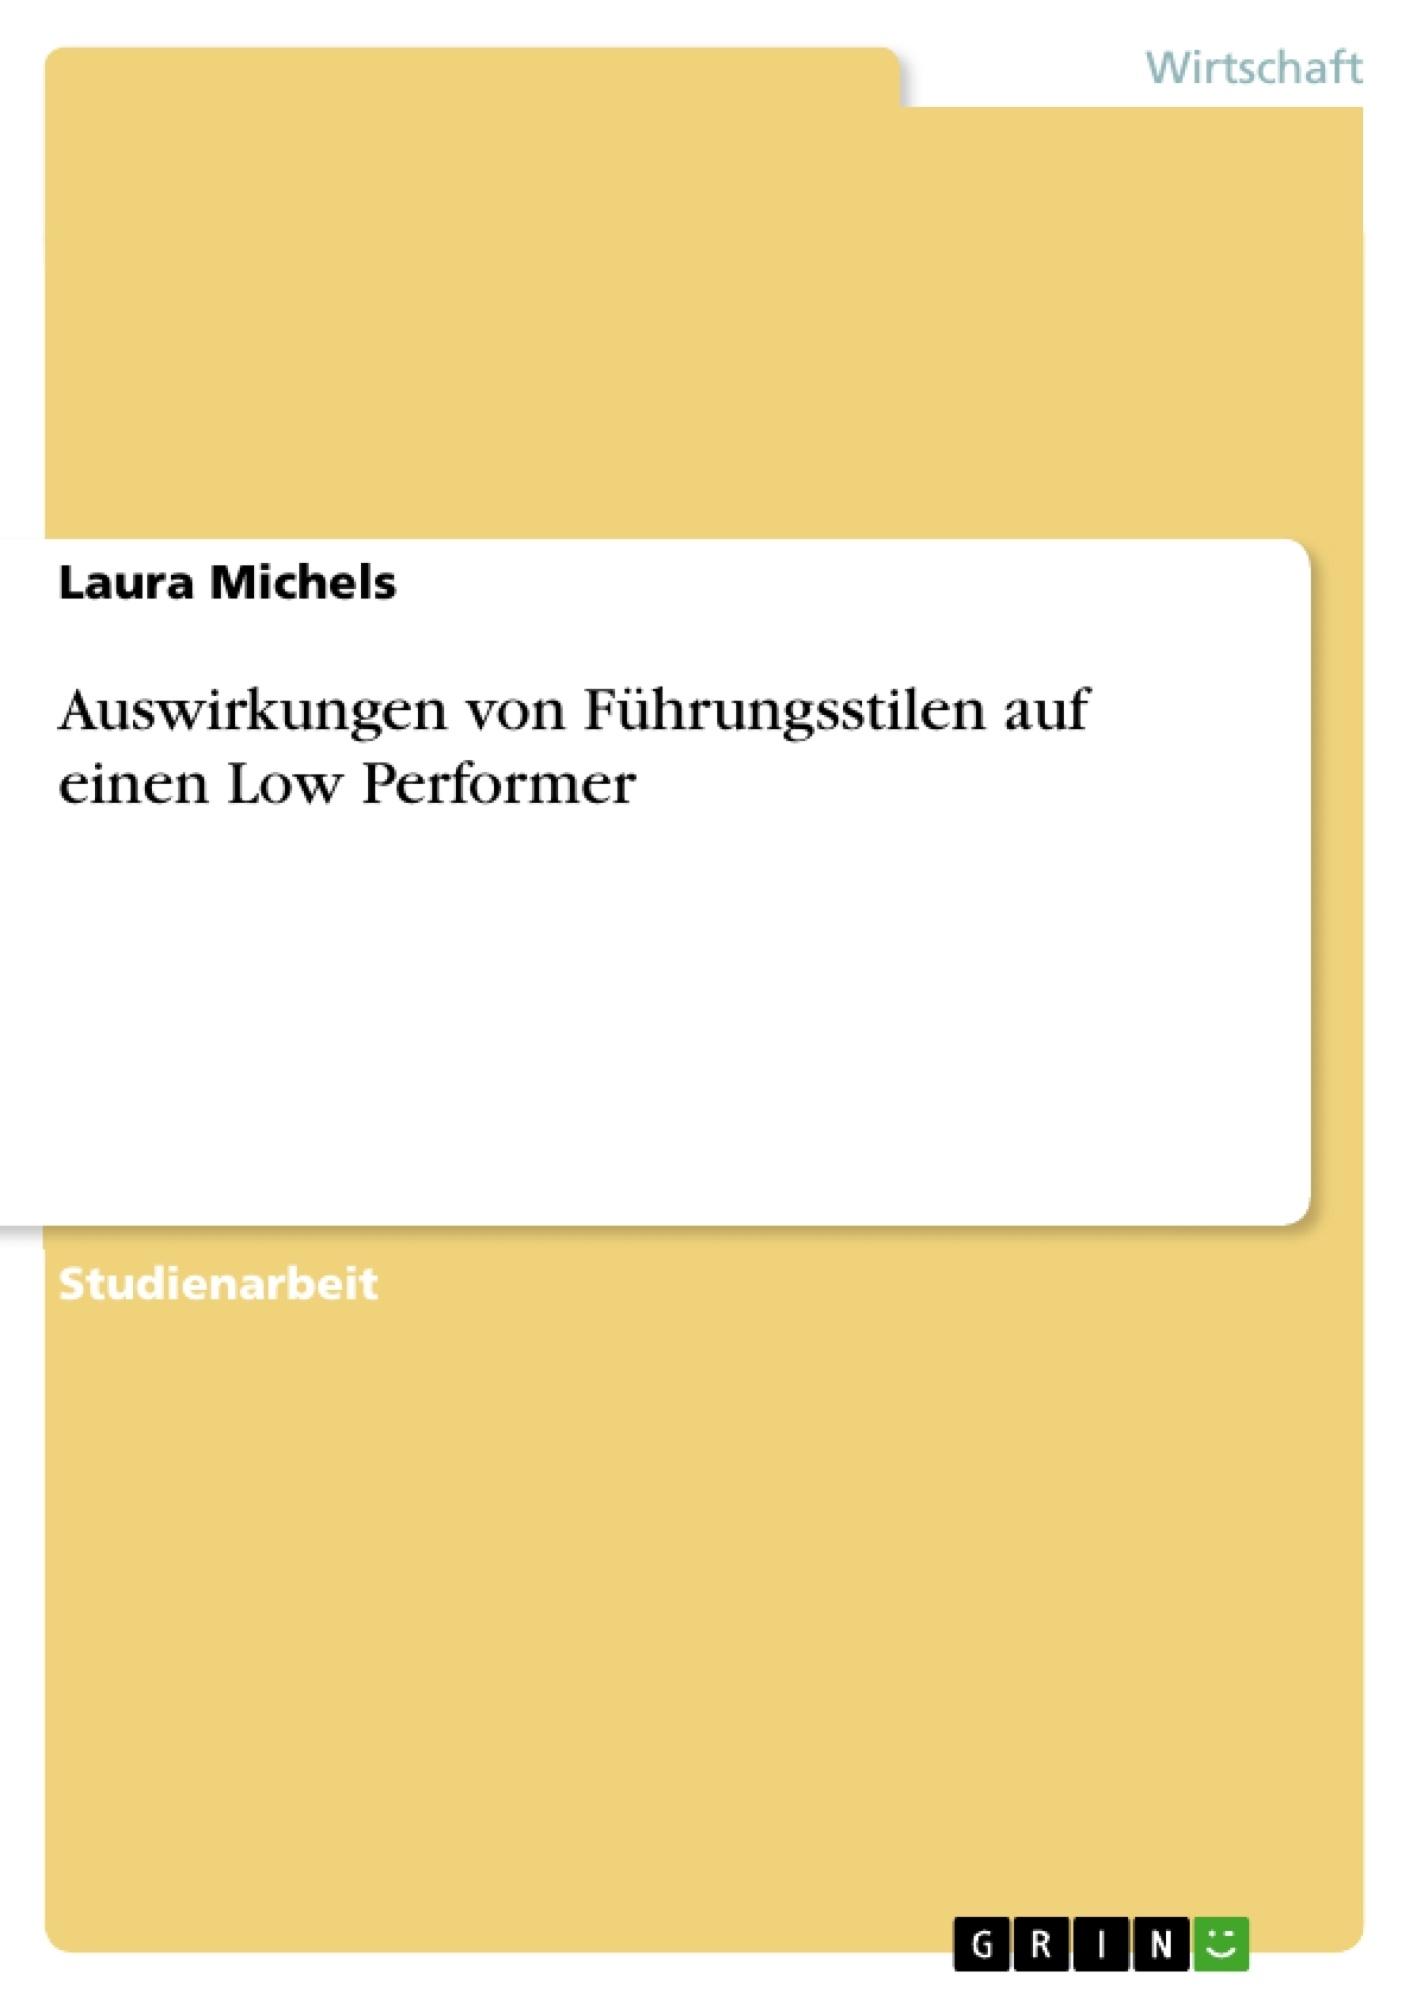 Titel: Auswirkungen von Führungsstilen auf einen Low Performer